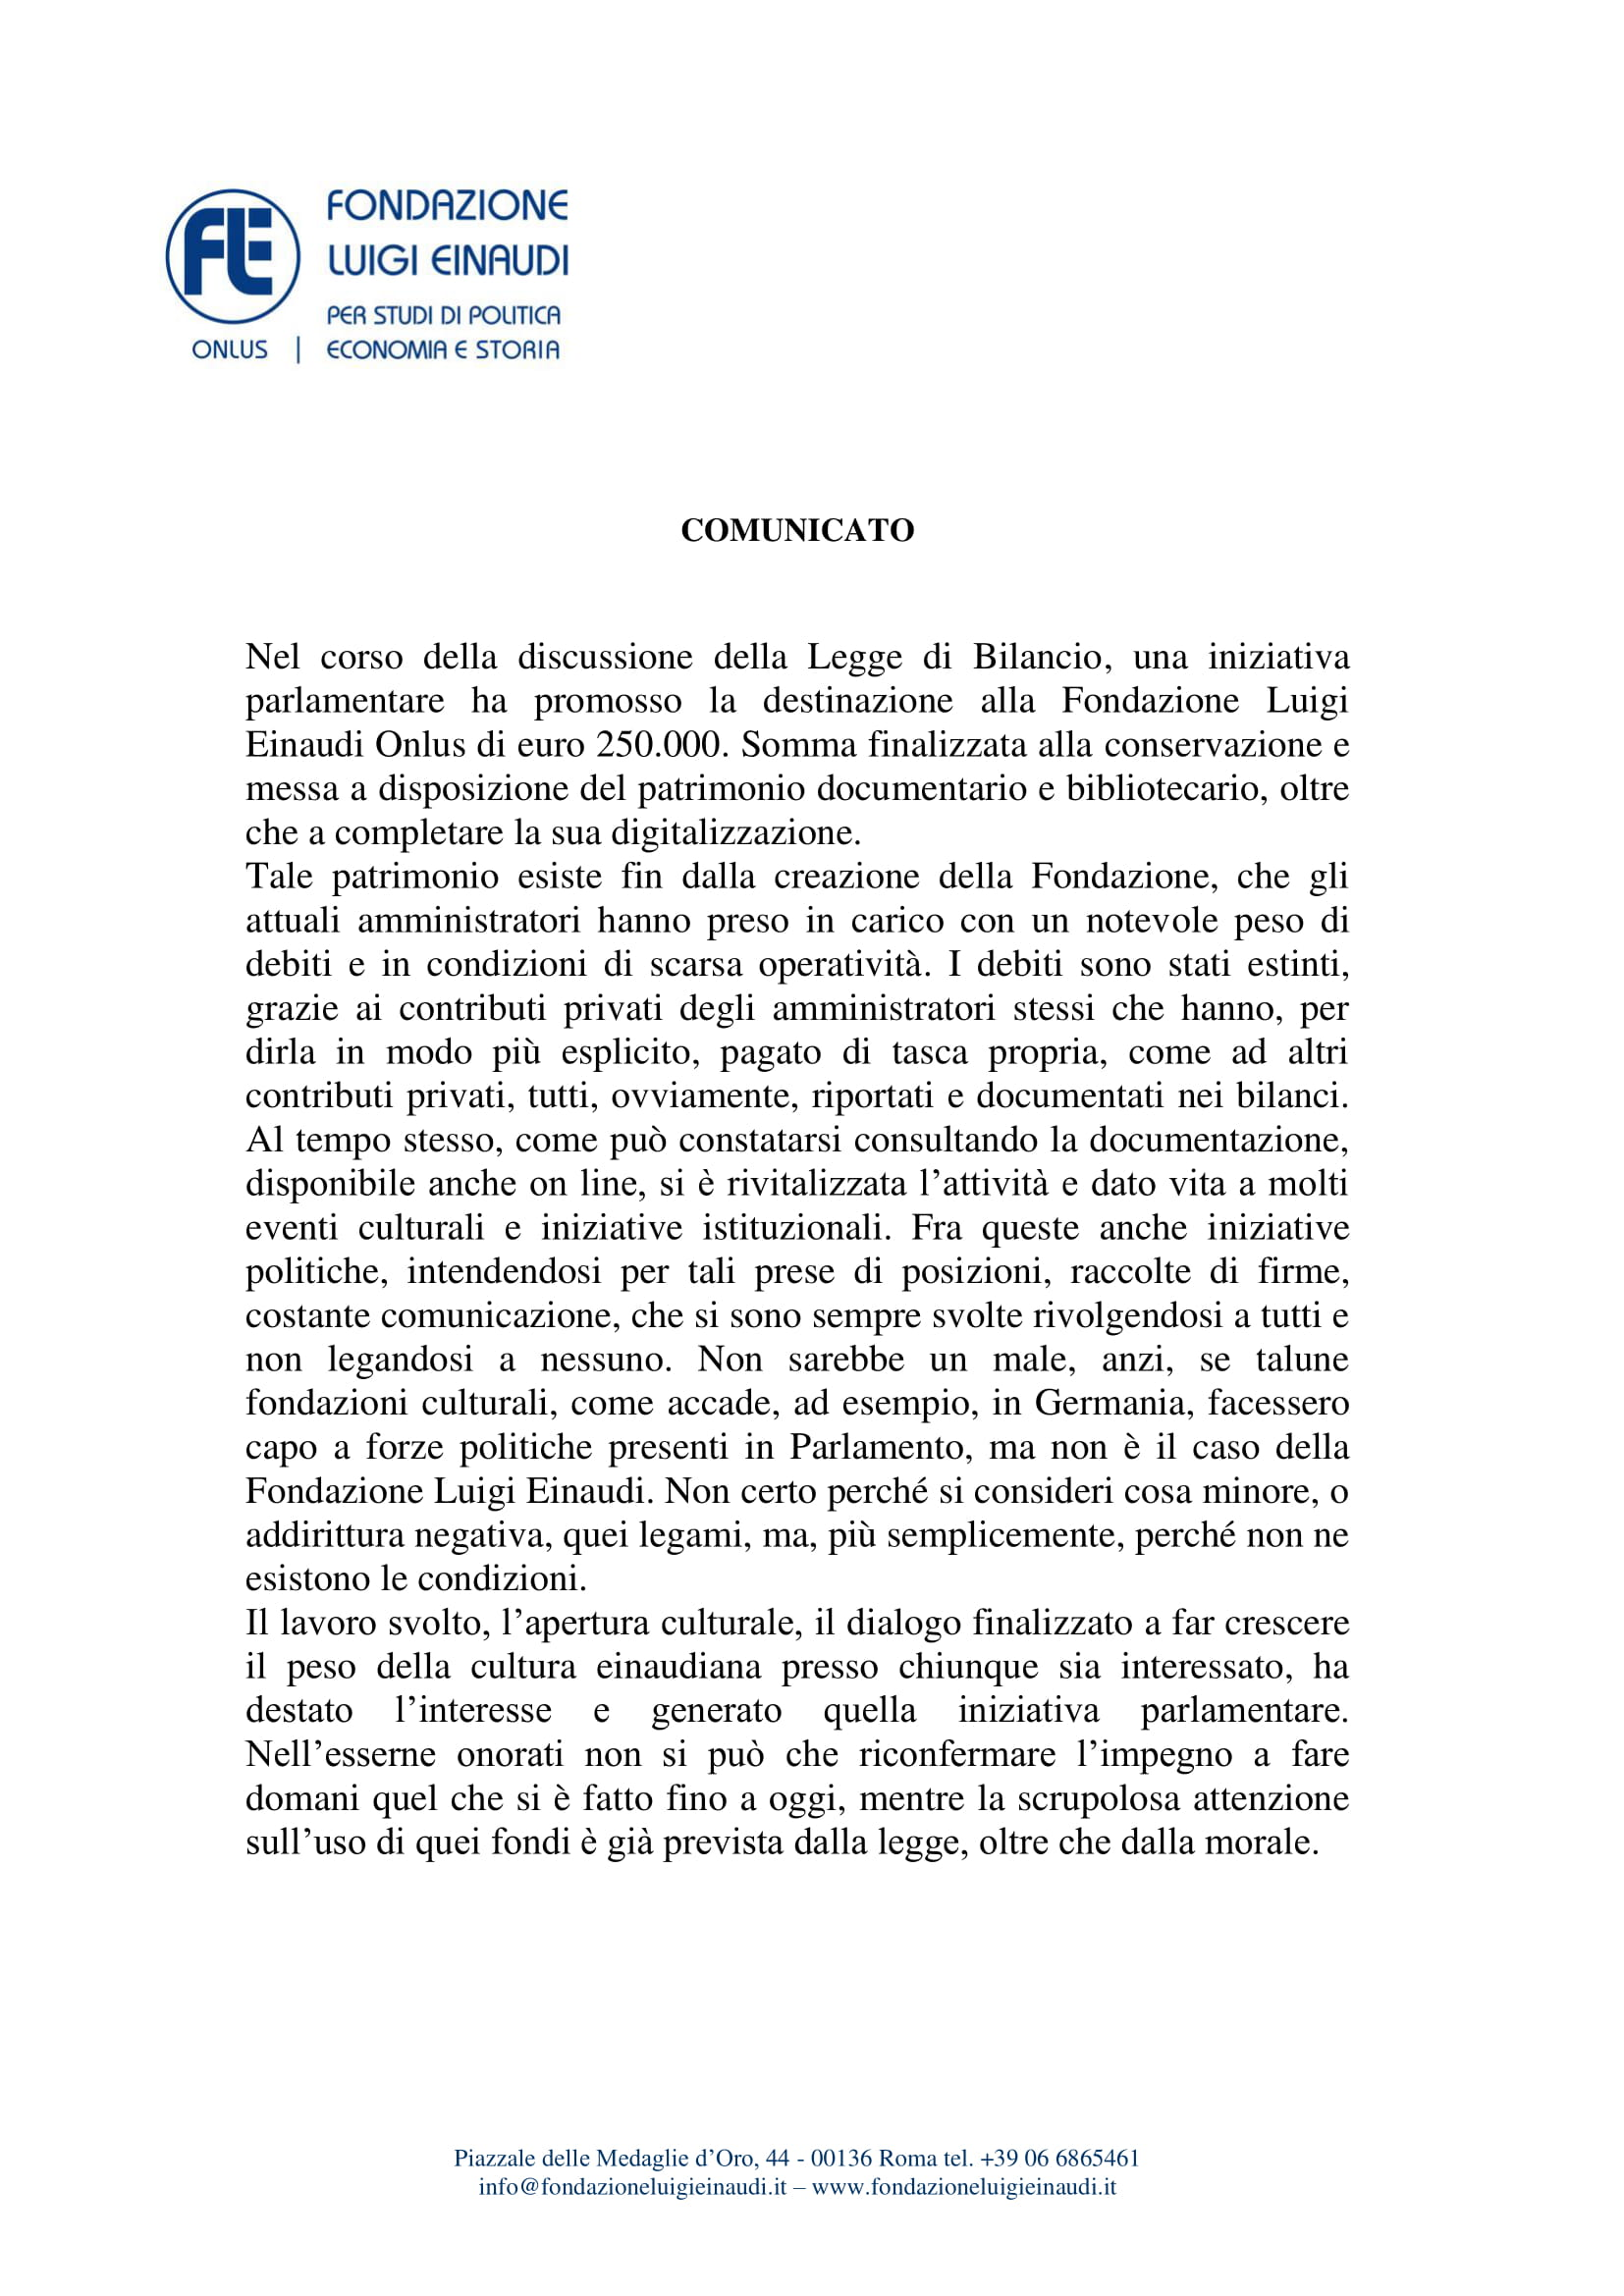 Comunicato della Fondazione Luigi Einaudi